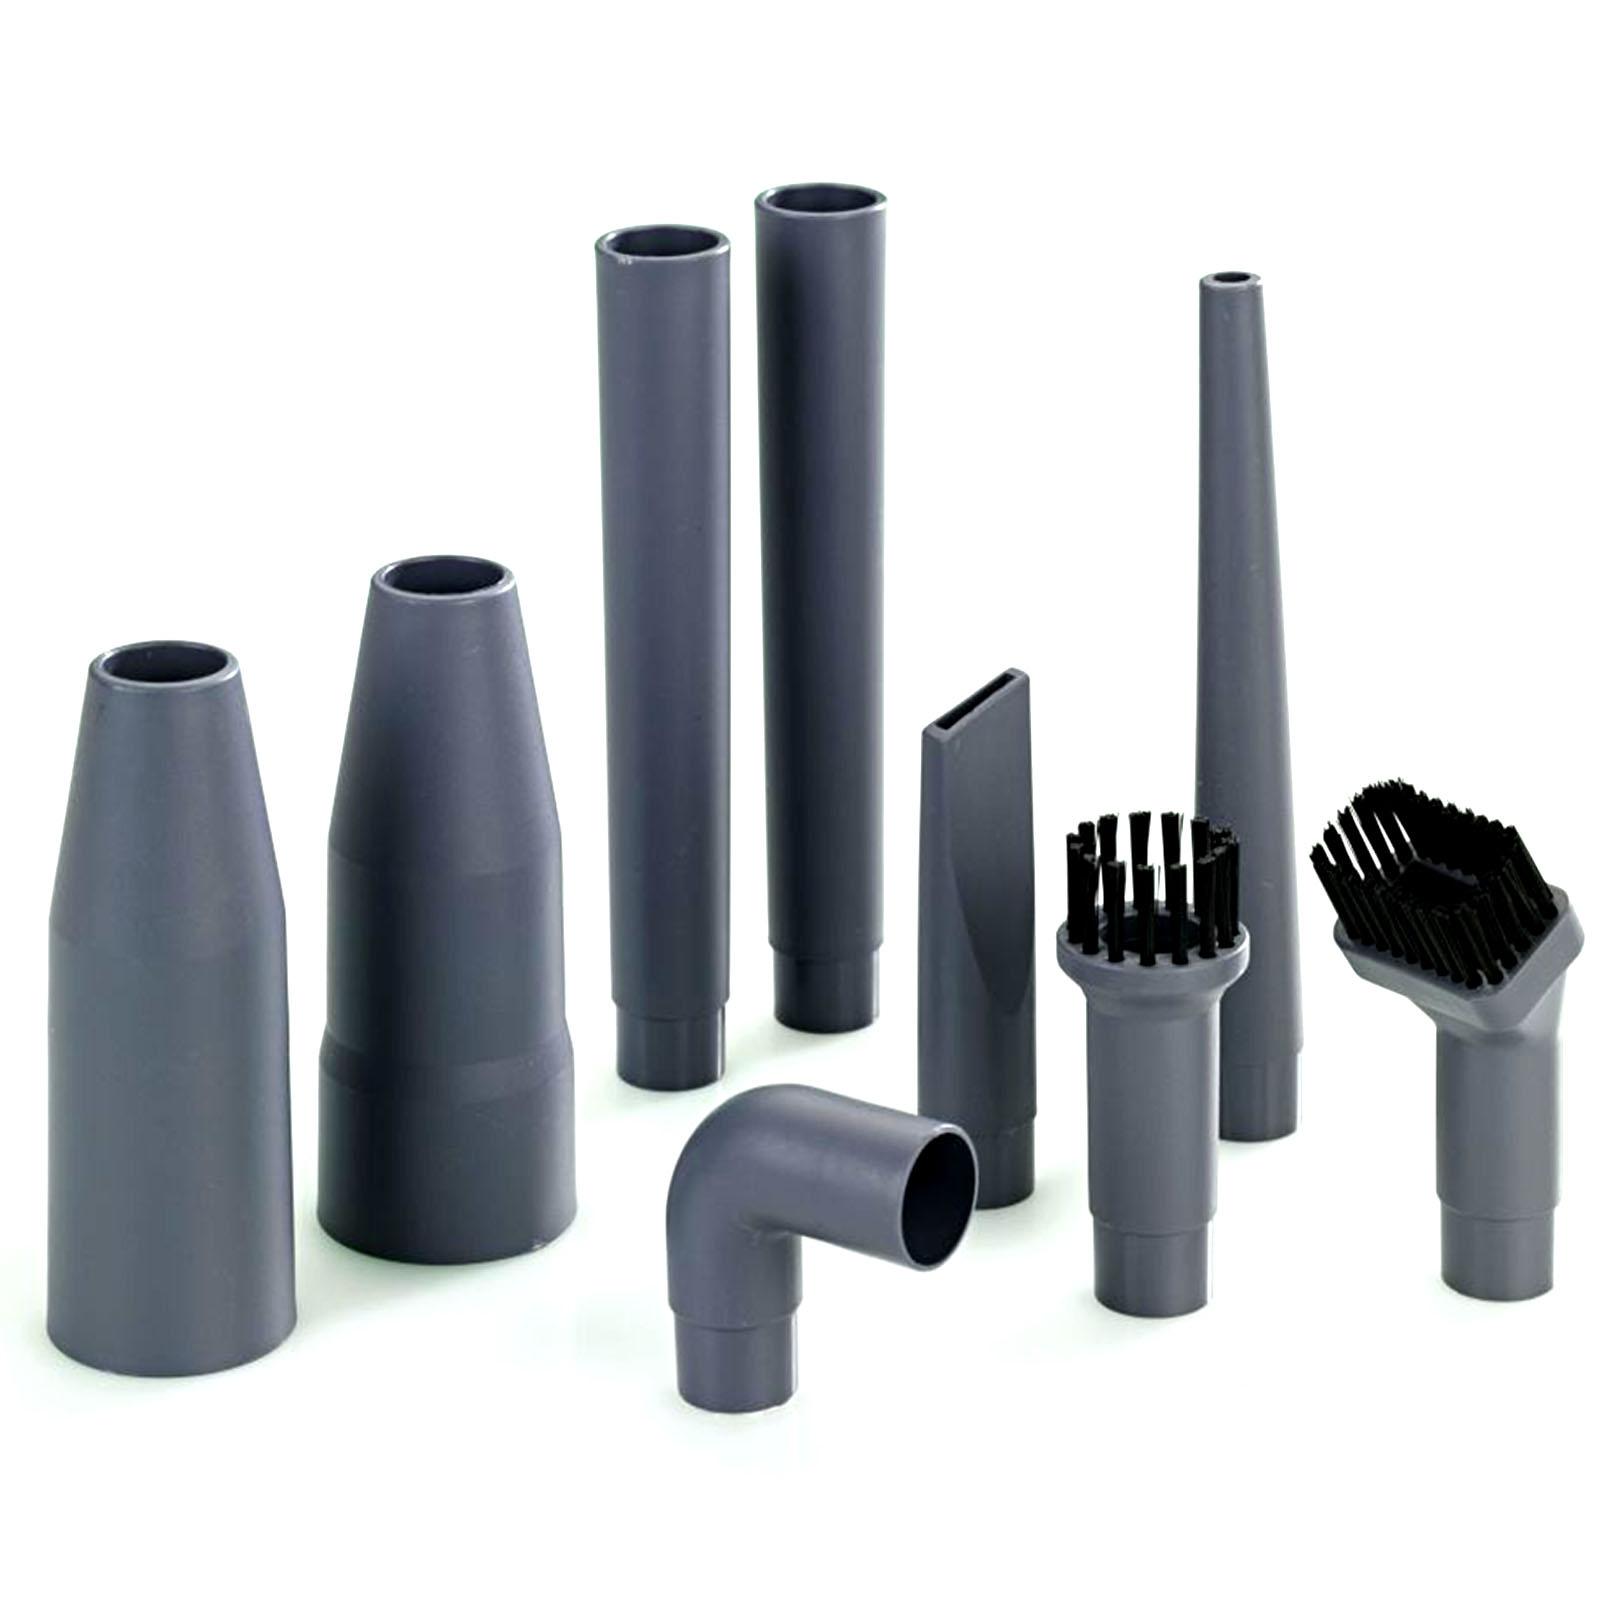 9 tlg. Staubsauger Düsen Set 35mm   Reinigungsset Staubsaugerdüse   passend für alle Staubsauger mit 32/35mm Adapter